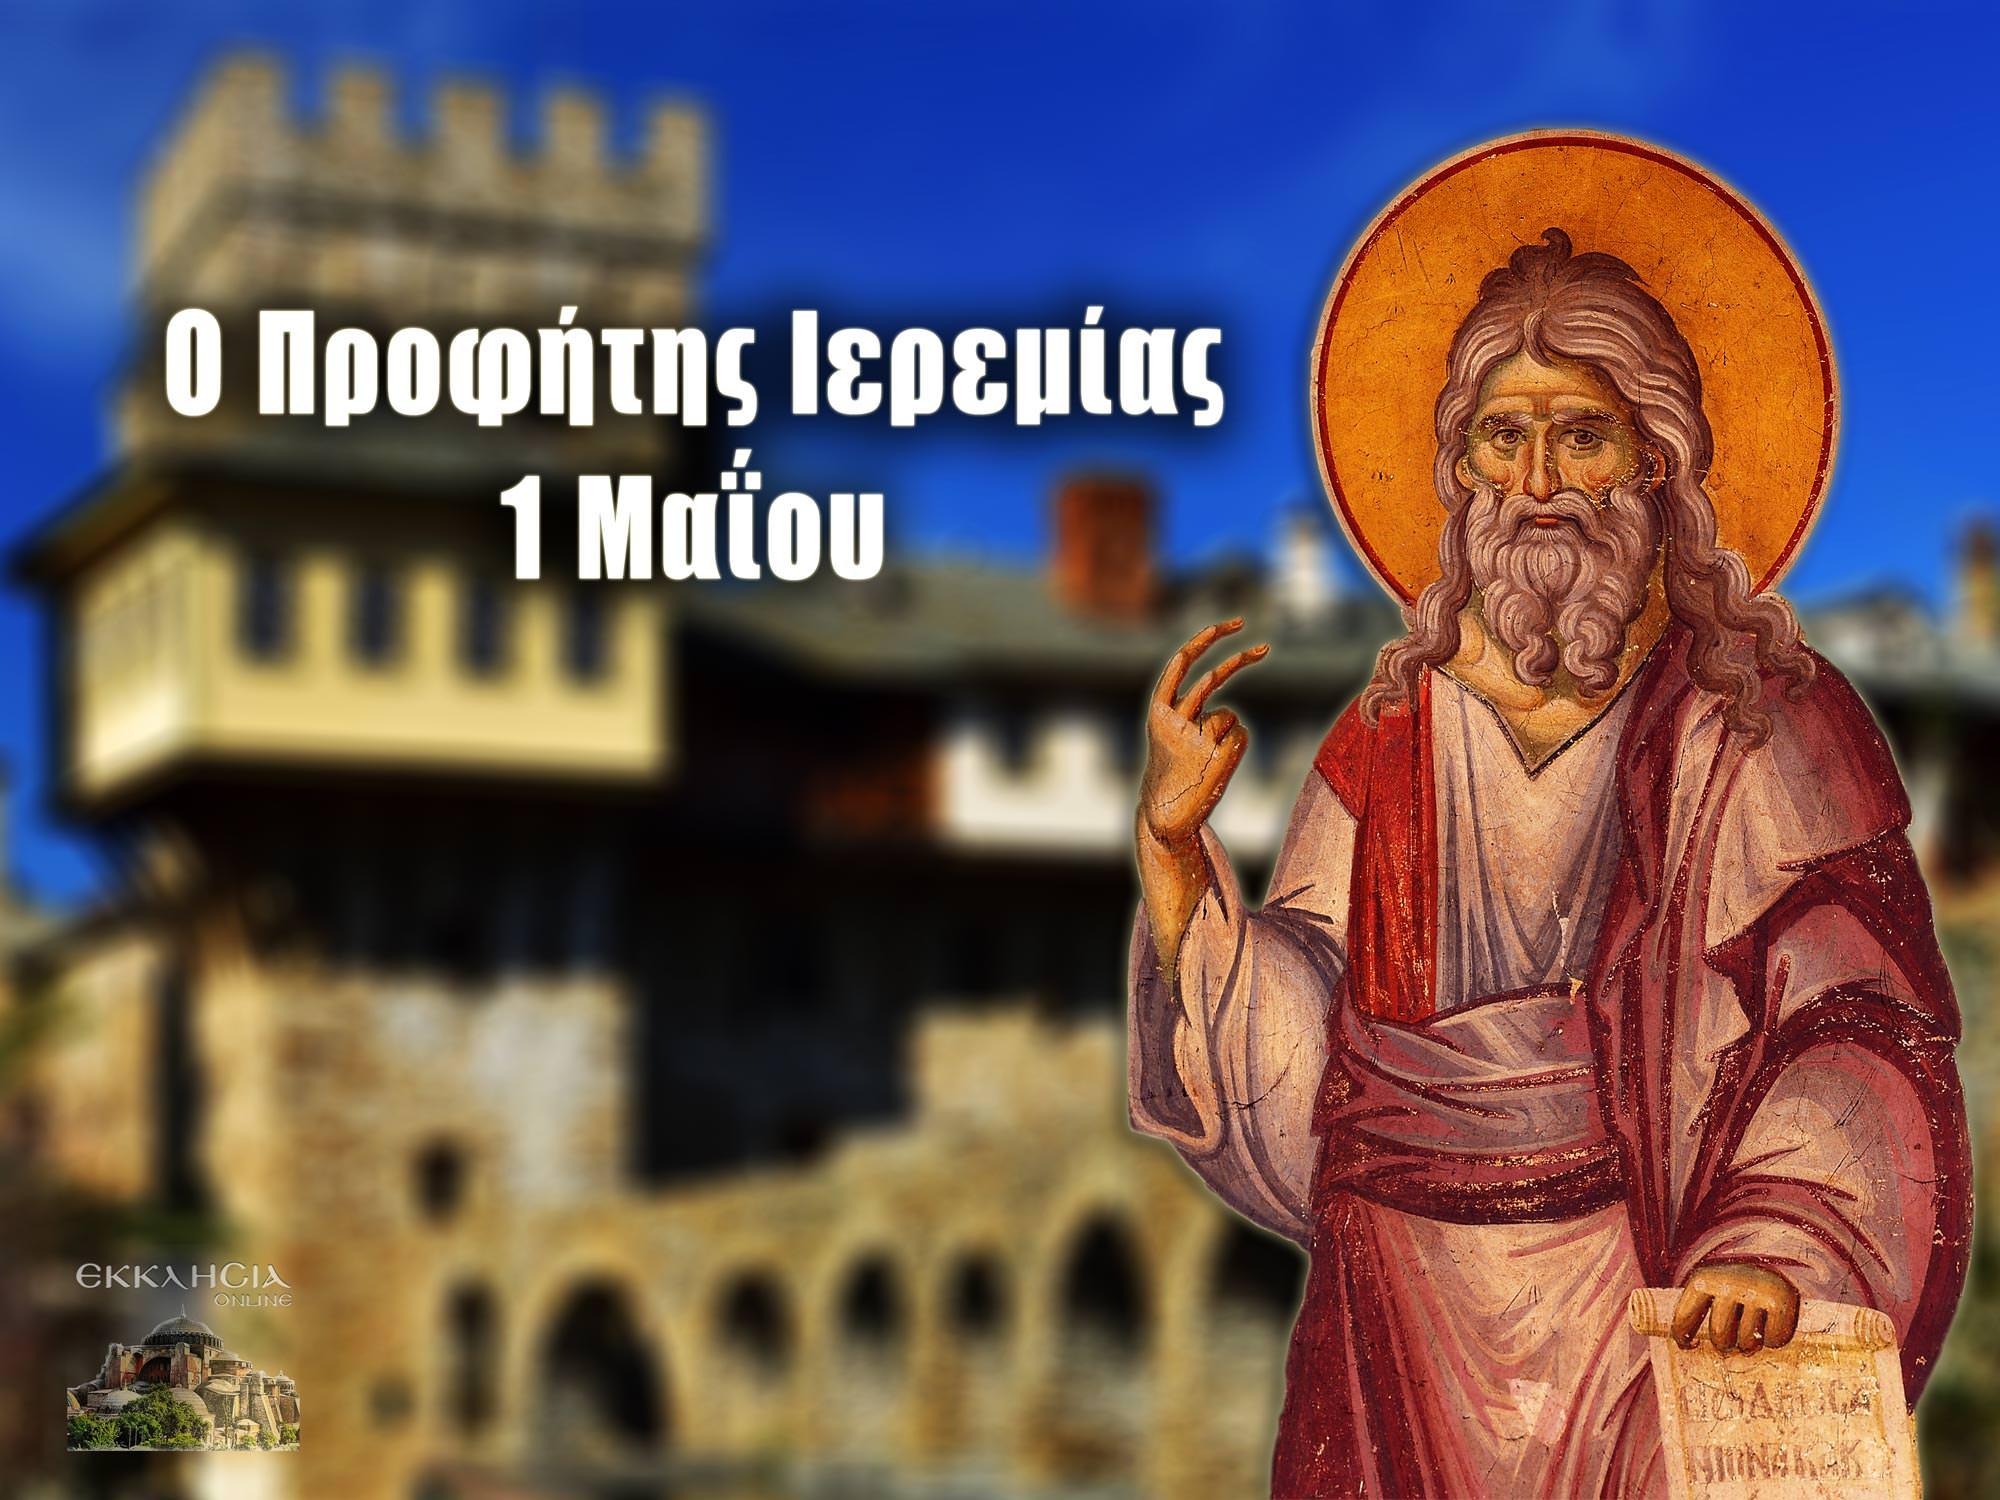 Προφήτης Ιερεμίας 1 Μαΐου